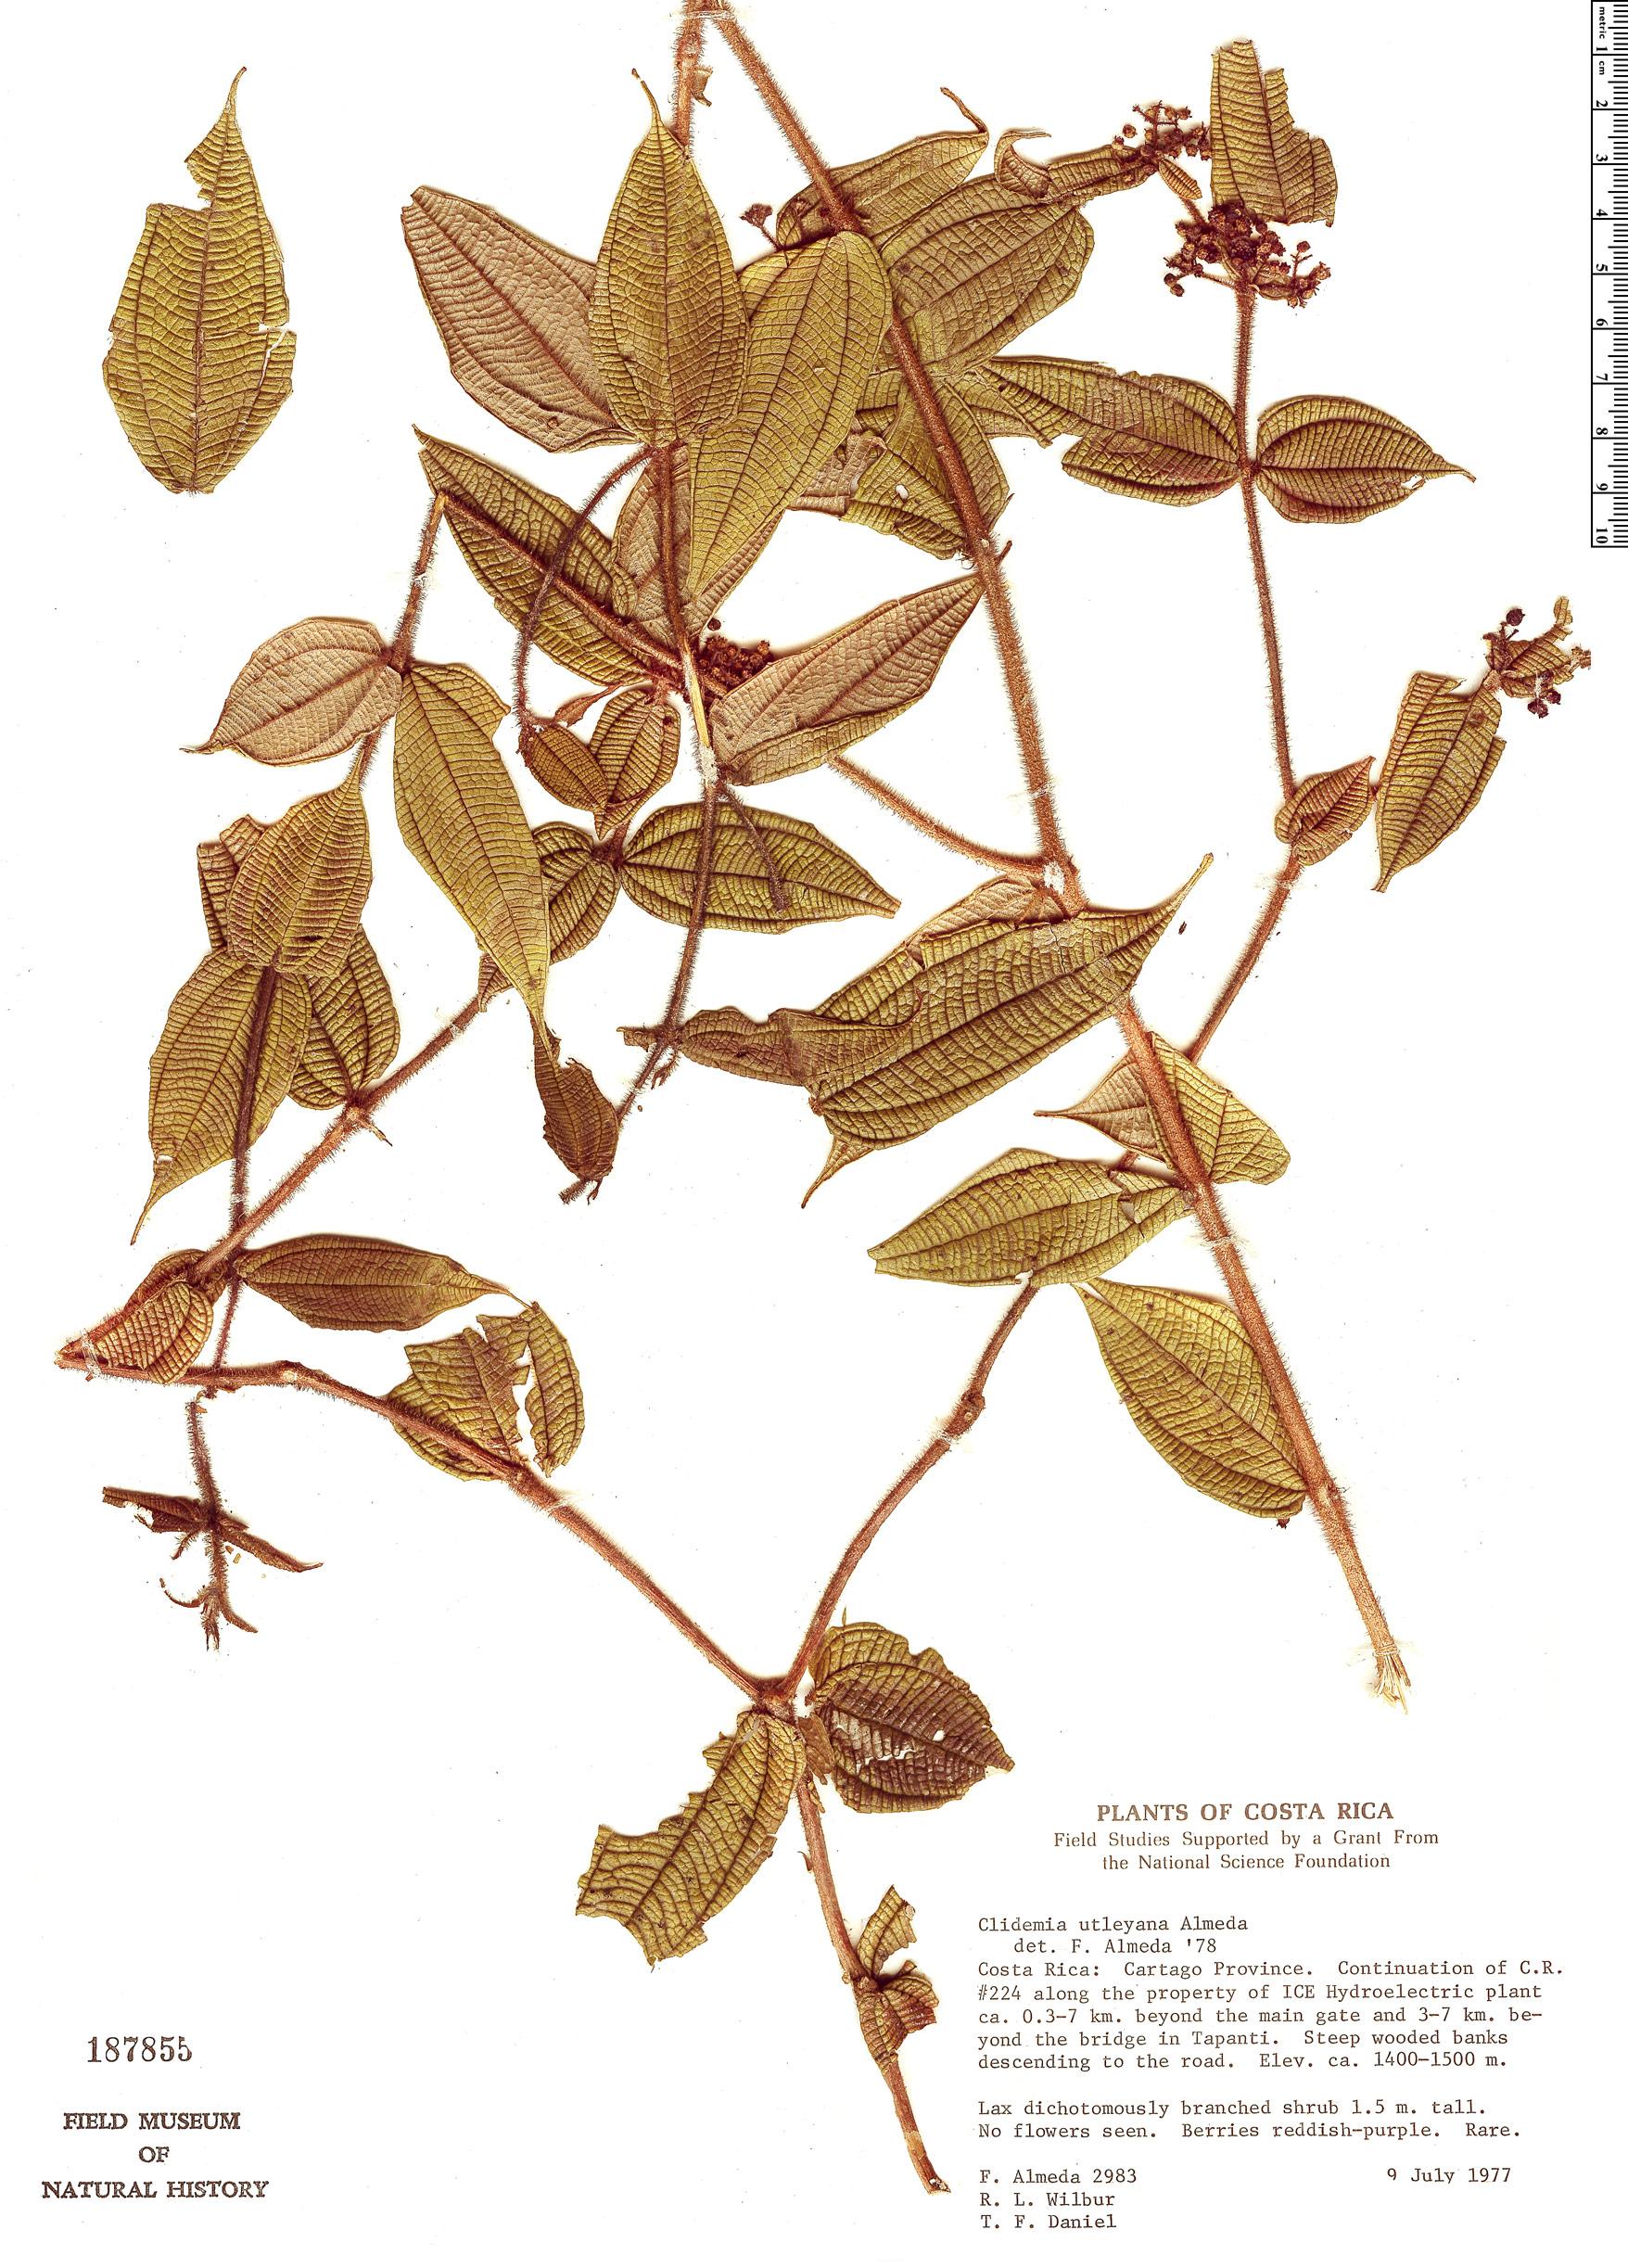 Specimen: Clidemia utleyana